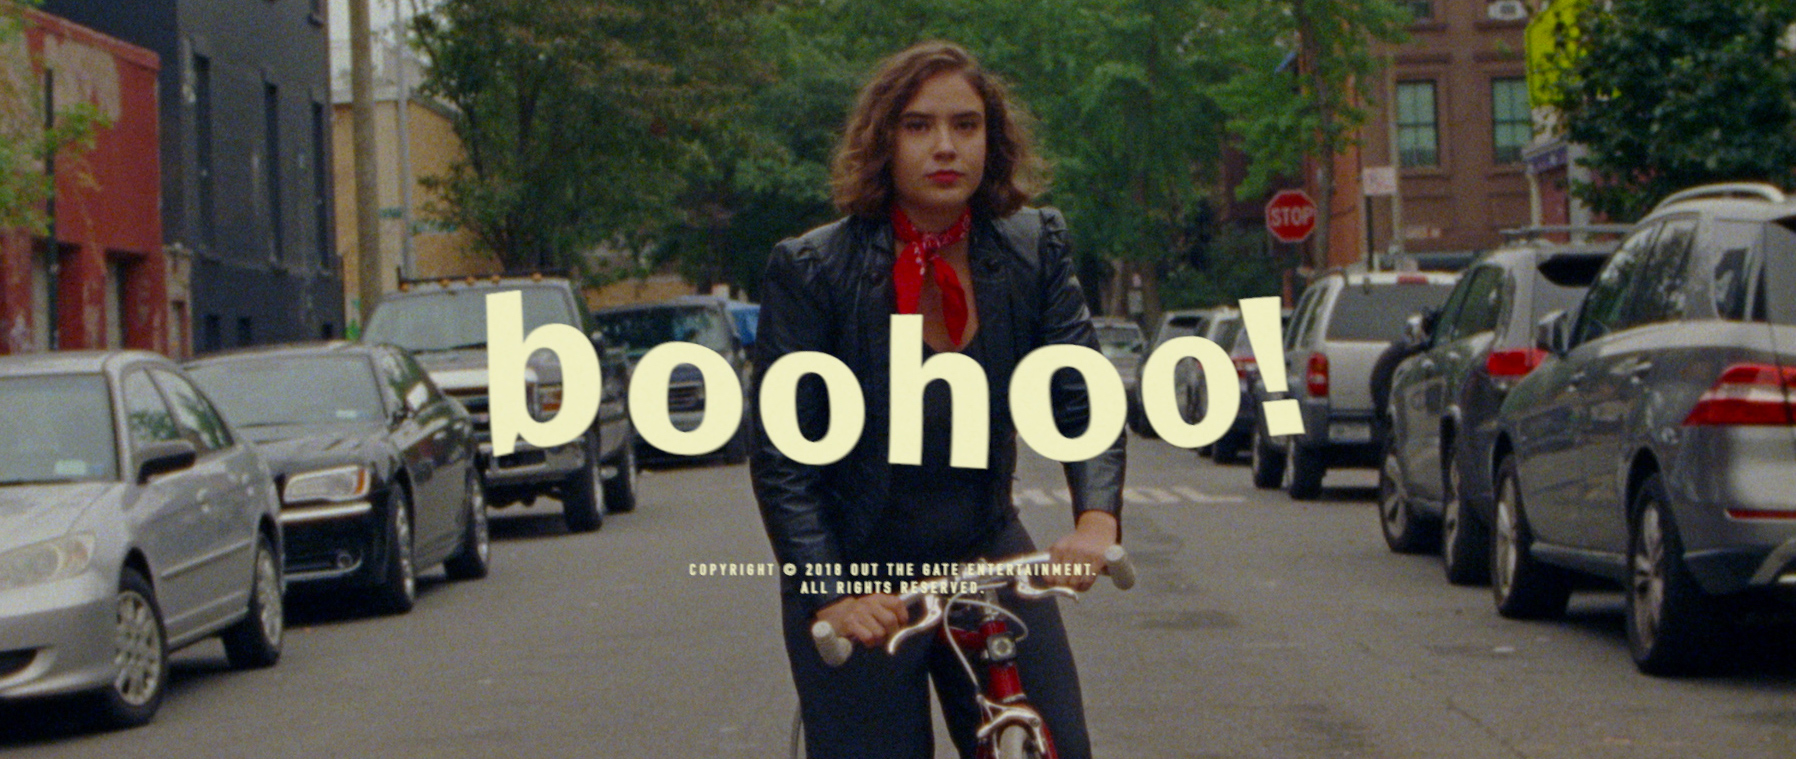 Boohoo!